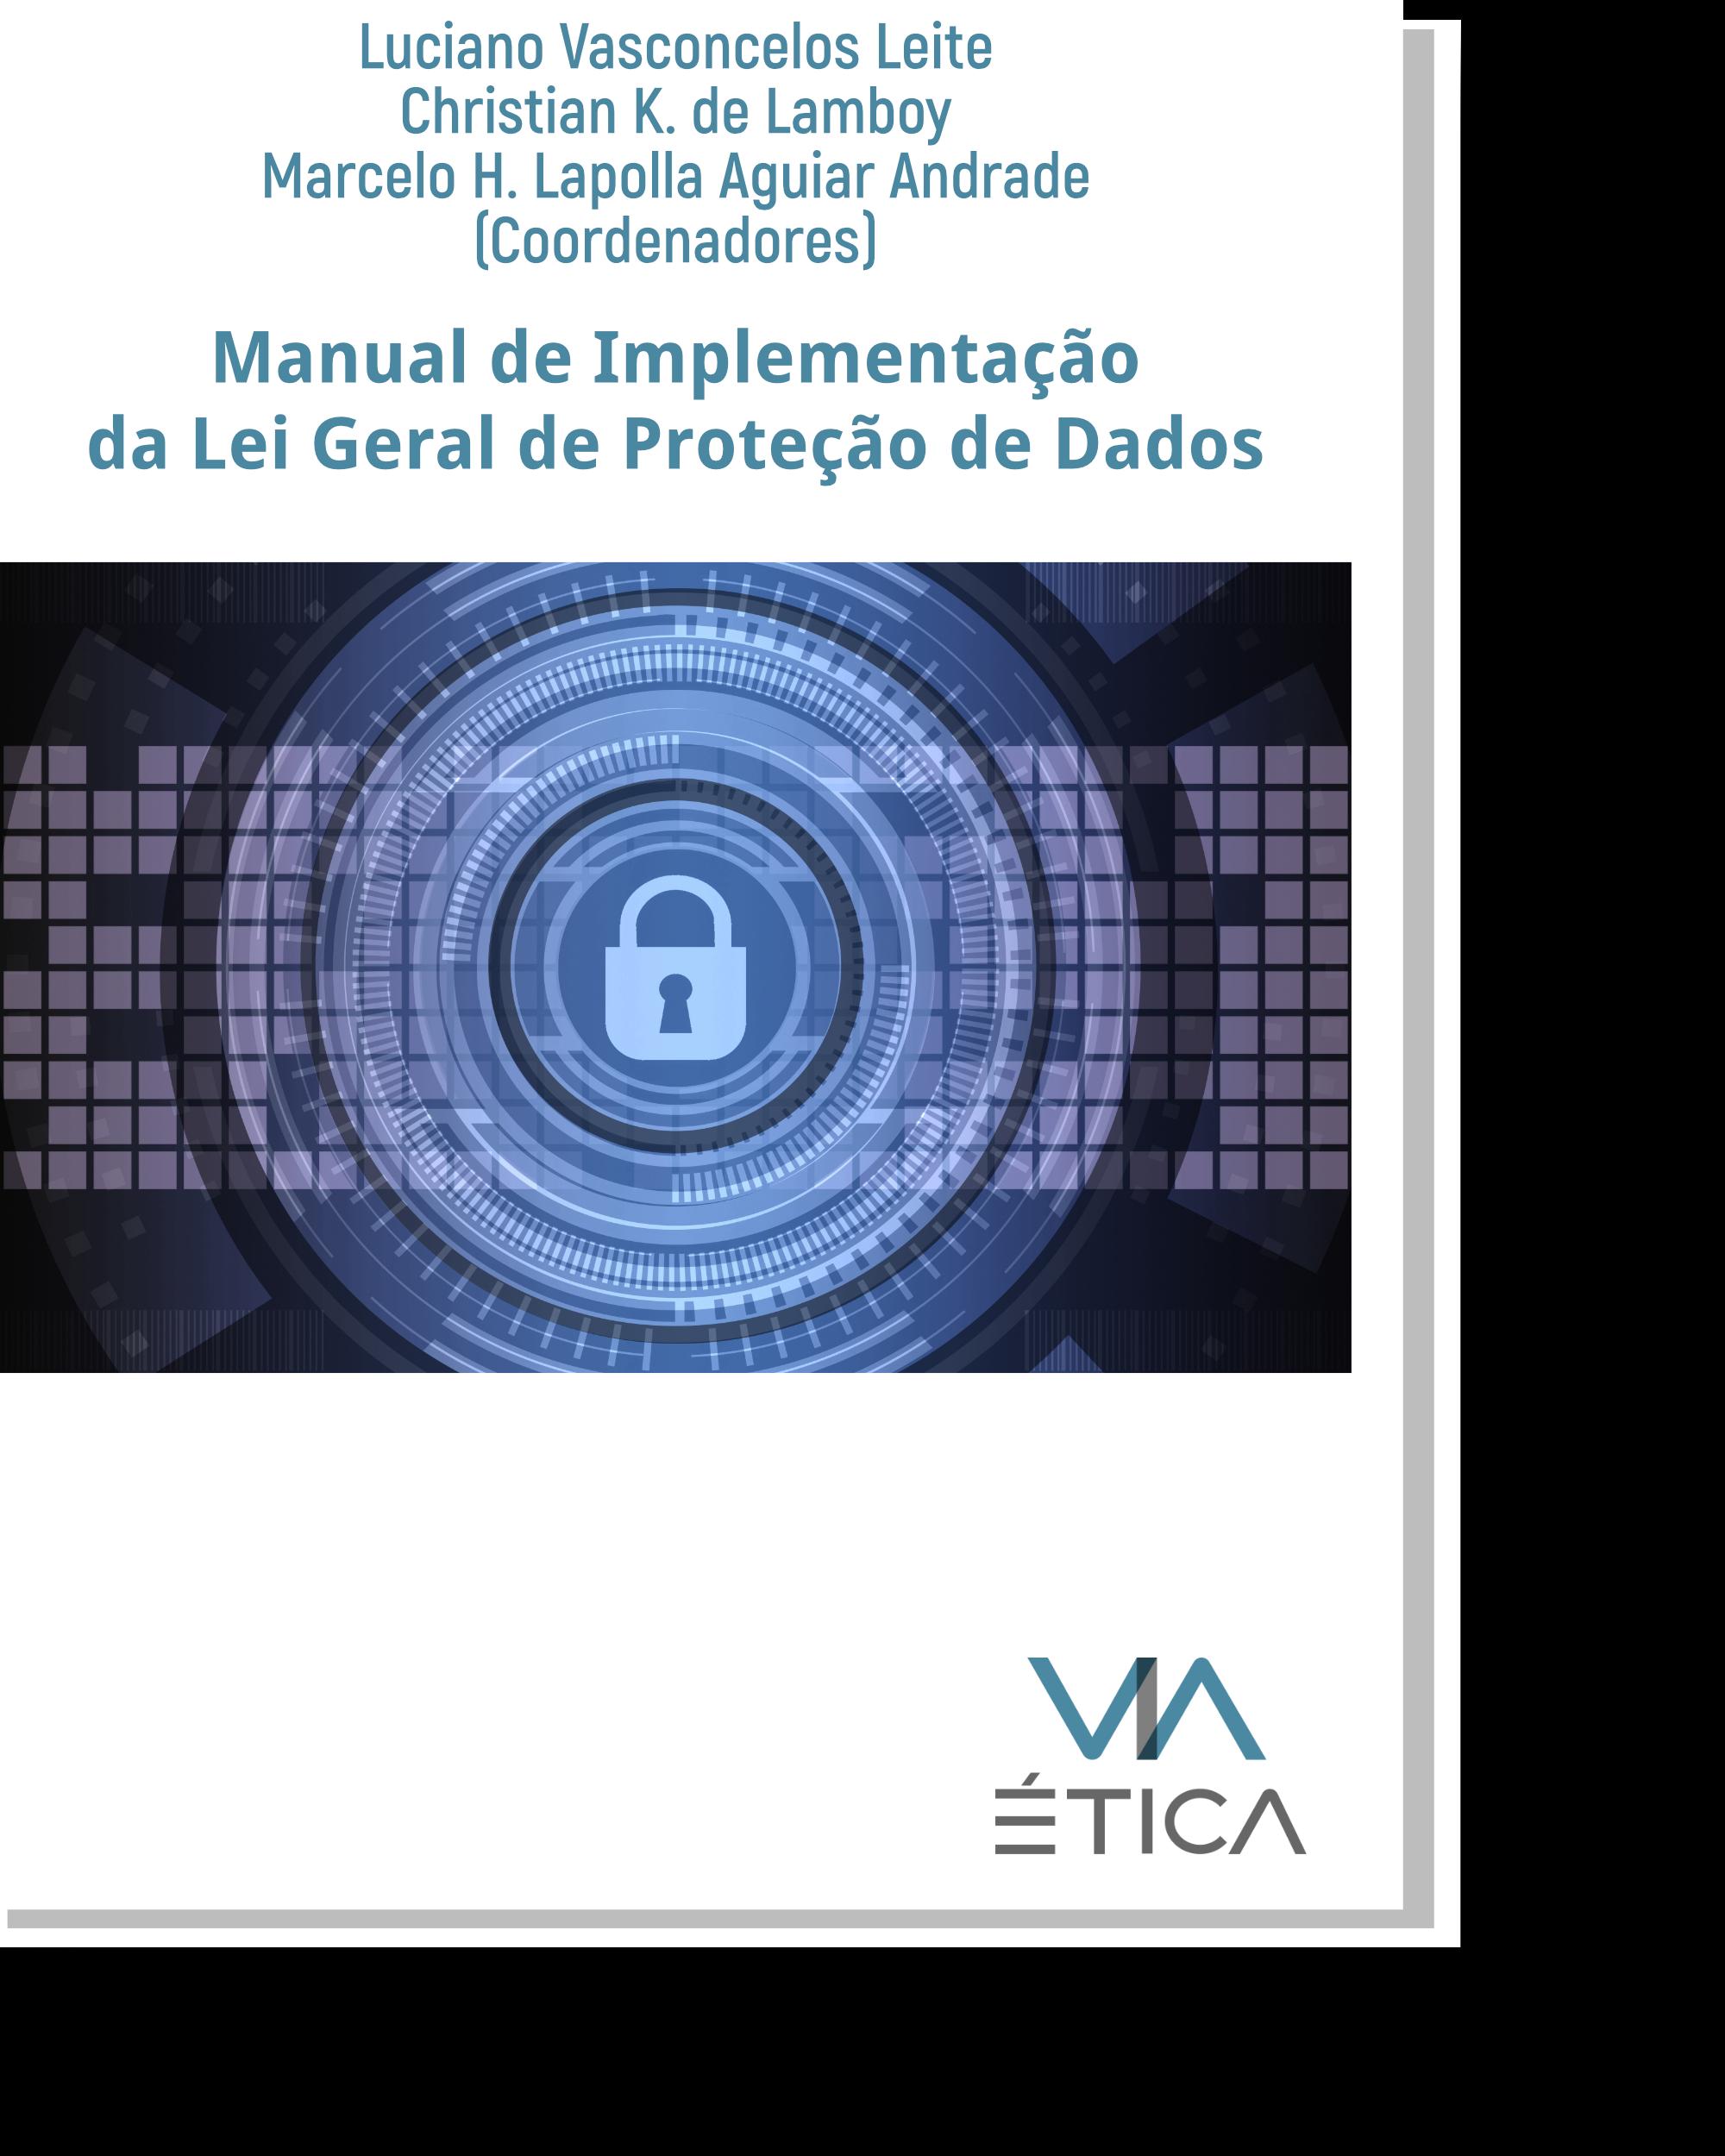 Manual de Implementação da Lei Geral de Proteção de Dados - impresso Image